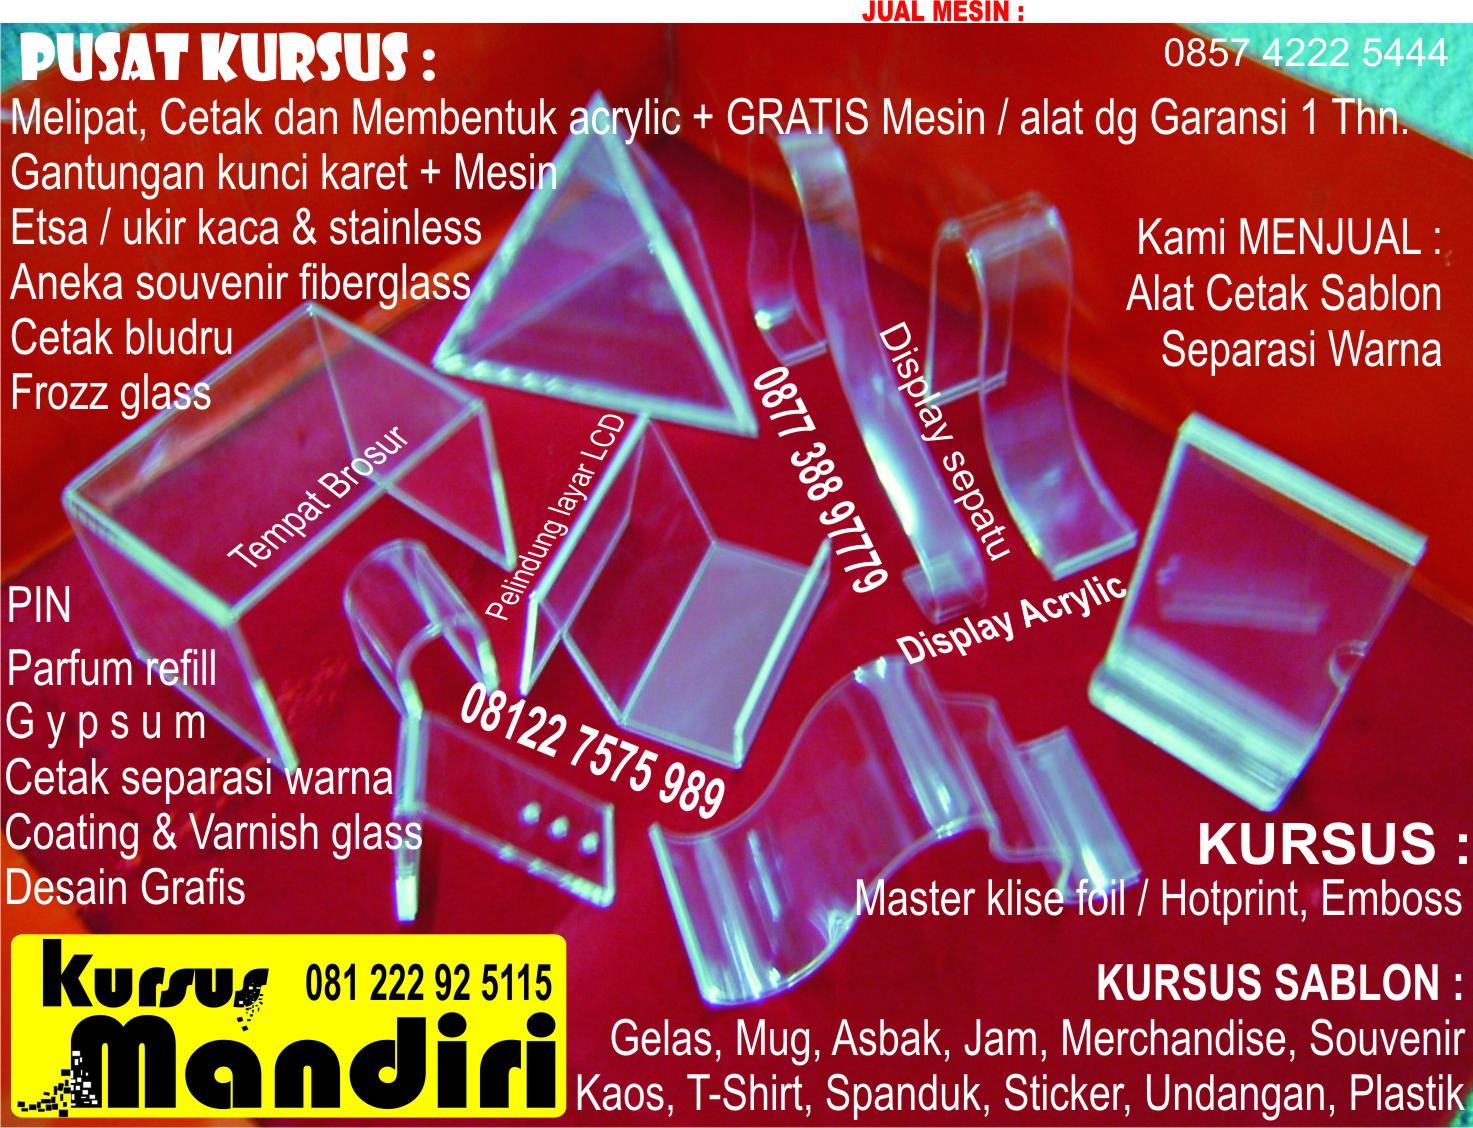 Skripsi Putus Sekolah Skripsi Pai Pendidikan Agama Islam Skripsi Tarbiyah Offset Graphic Design Screen Printing Computer Setting Film